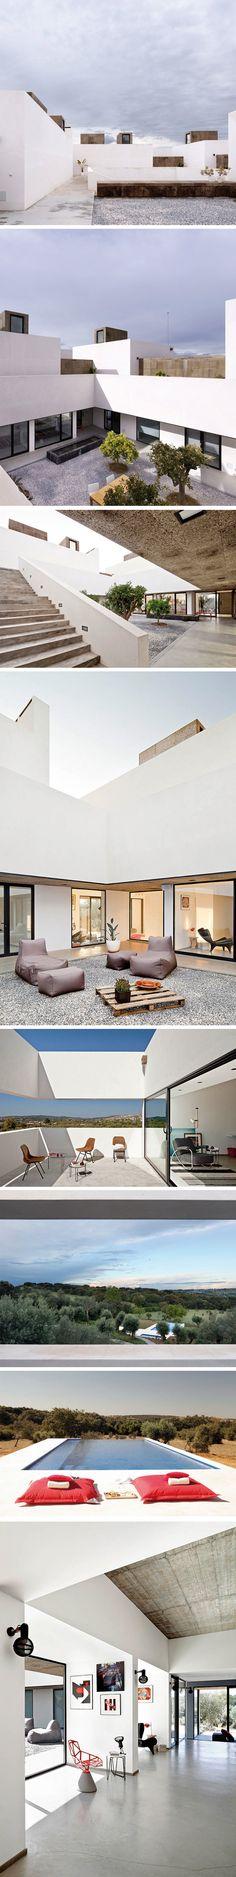 Villa-Extramuros-Vora-Arquitectura-2